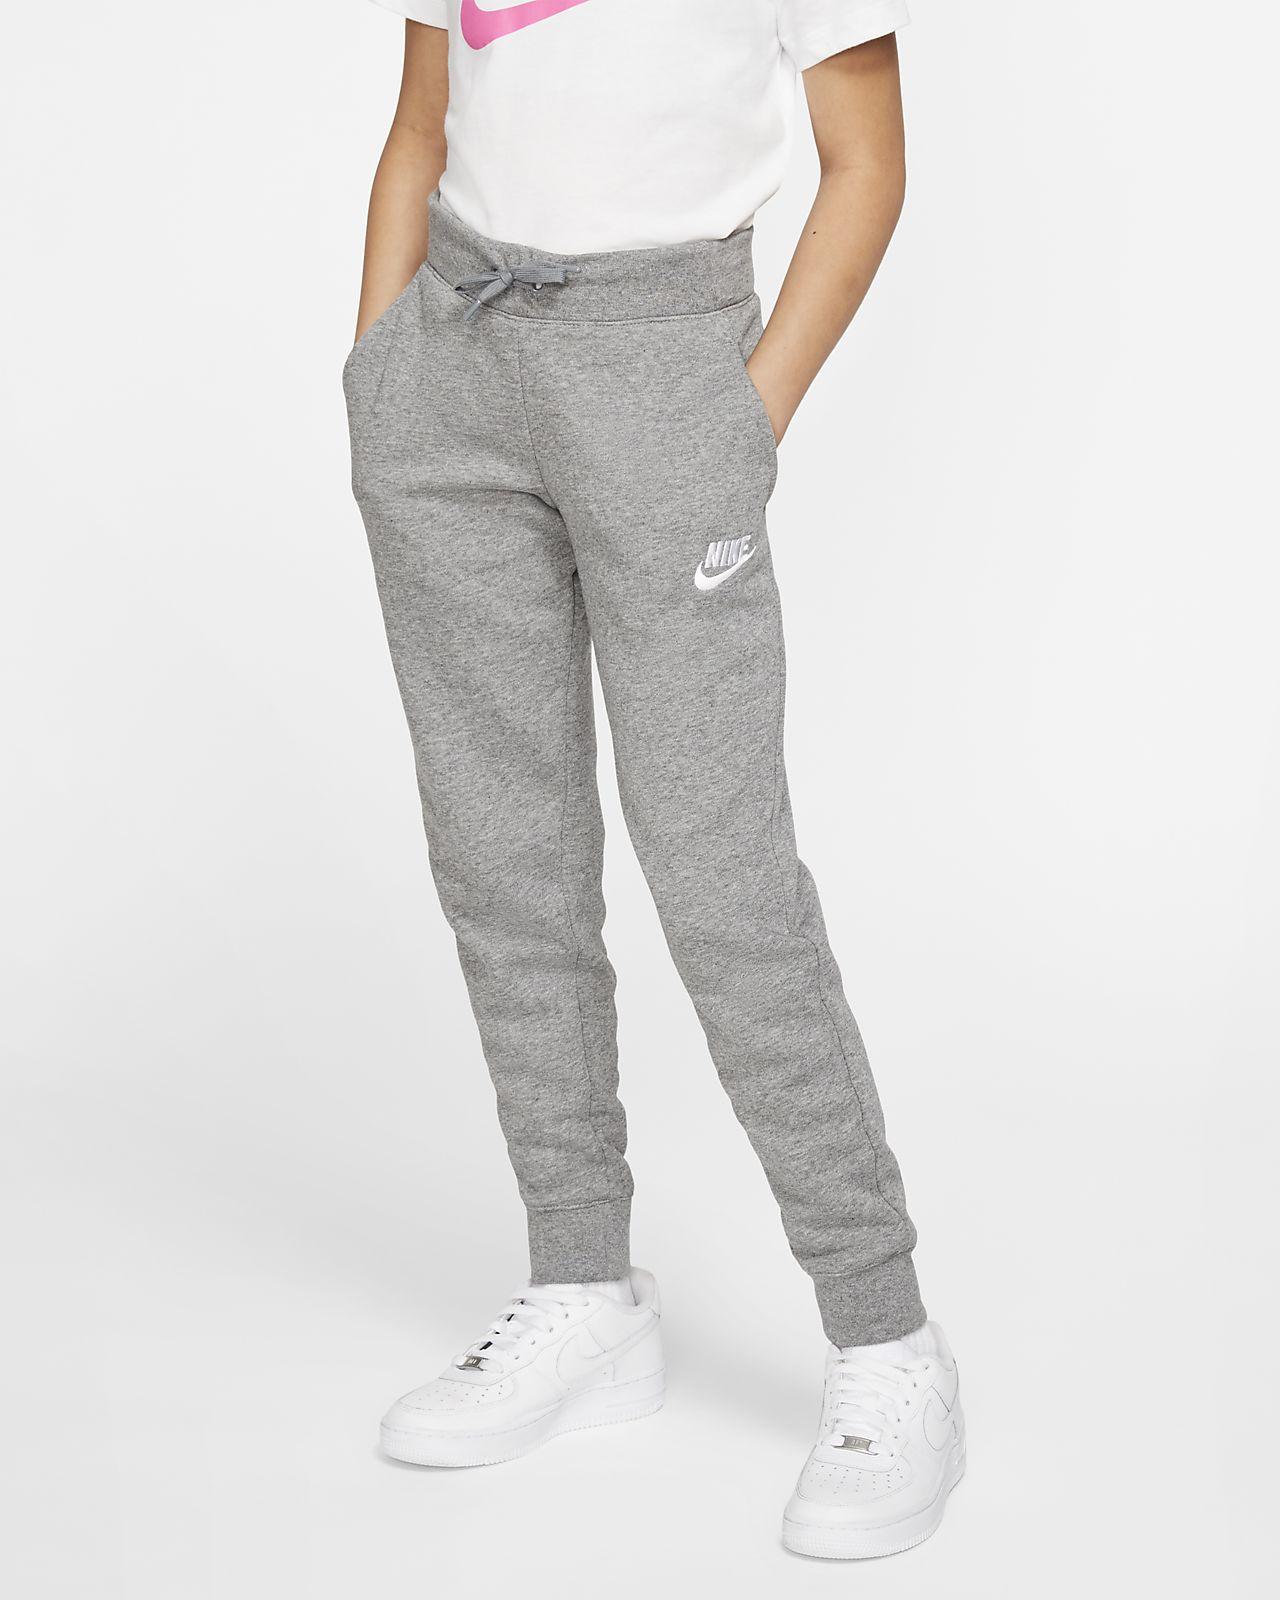 pantalon nike sport fille